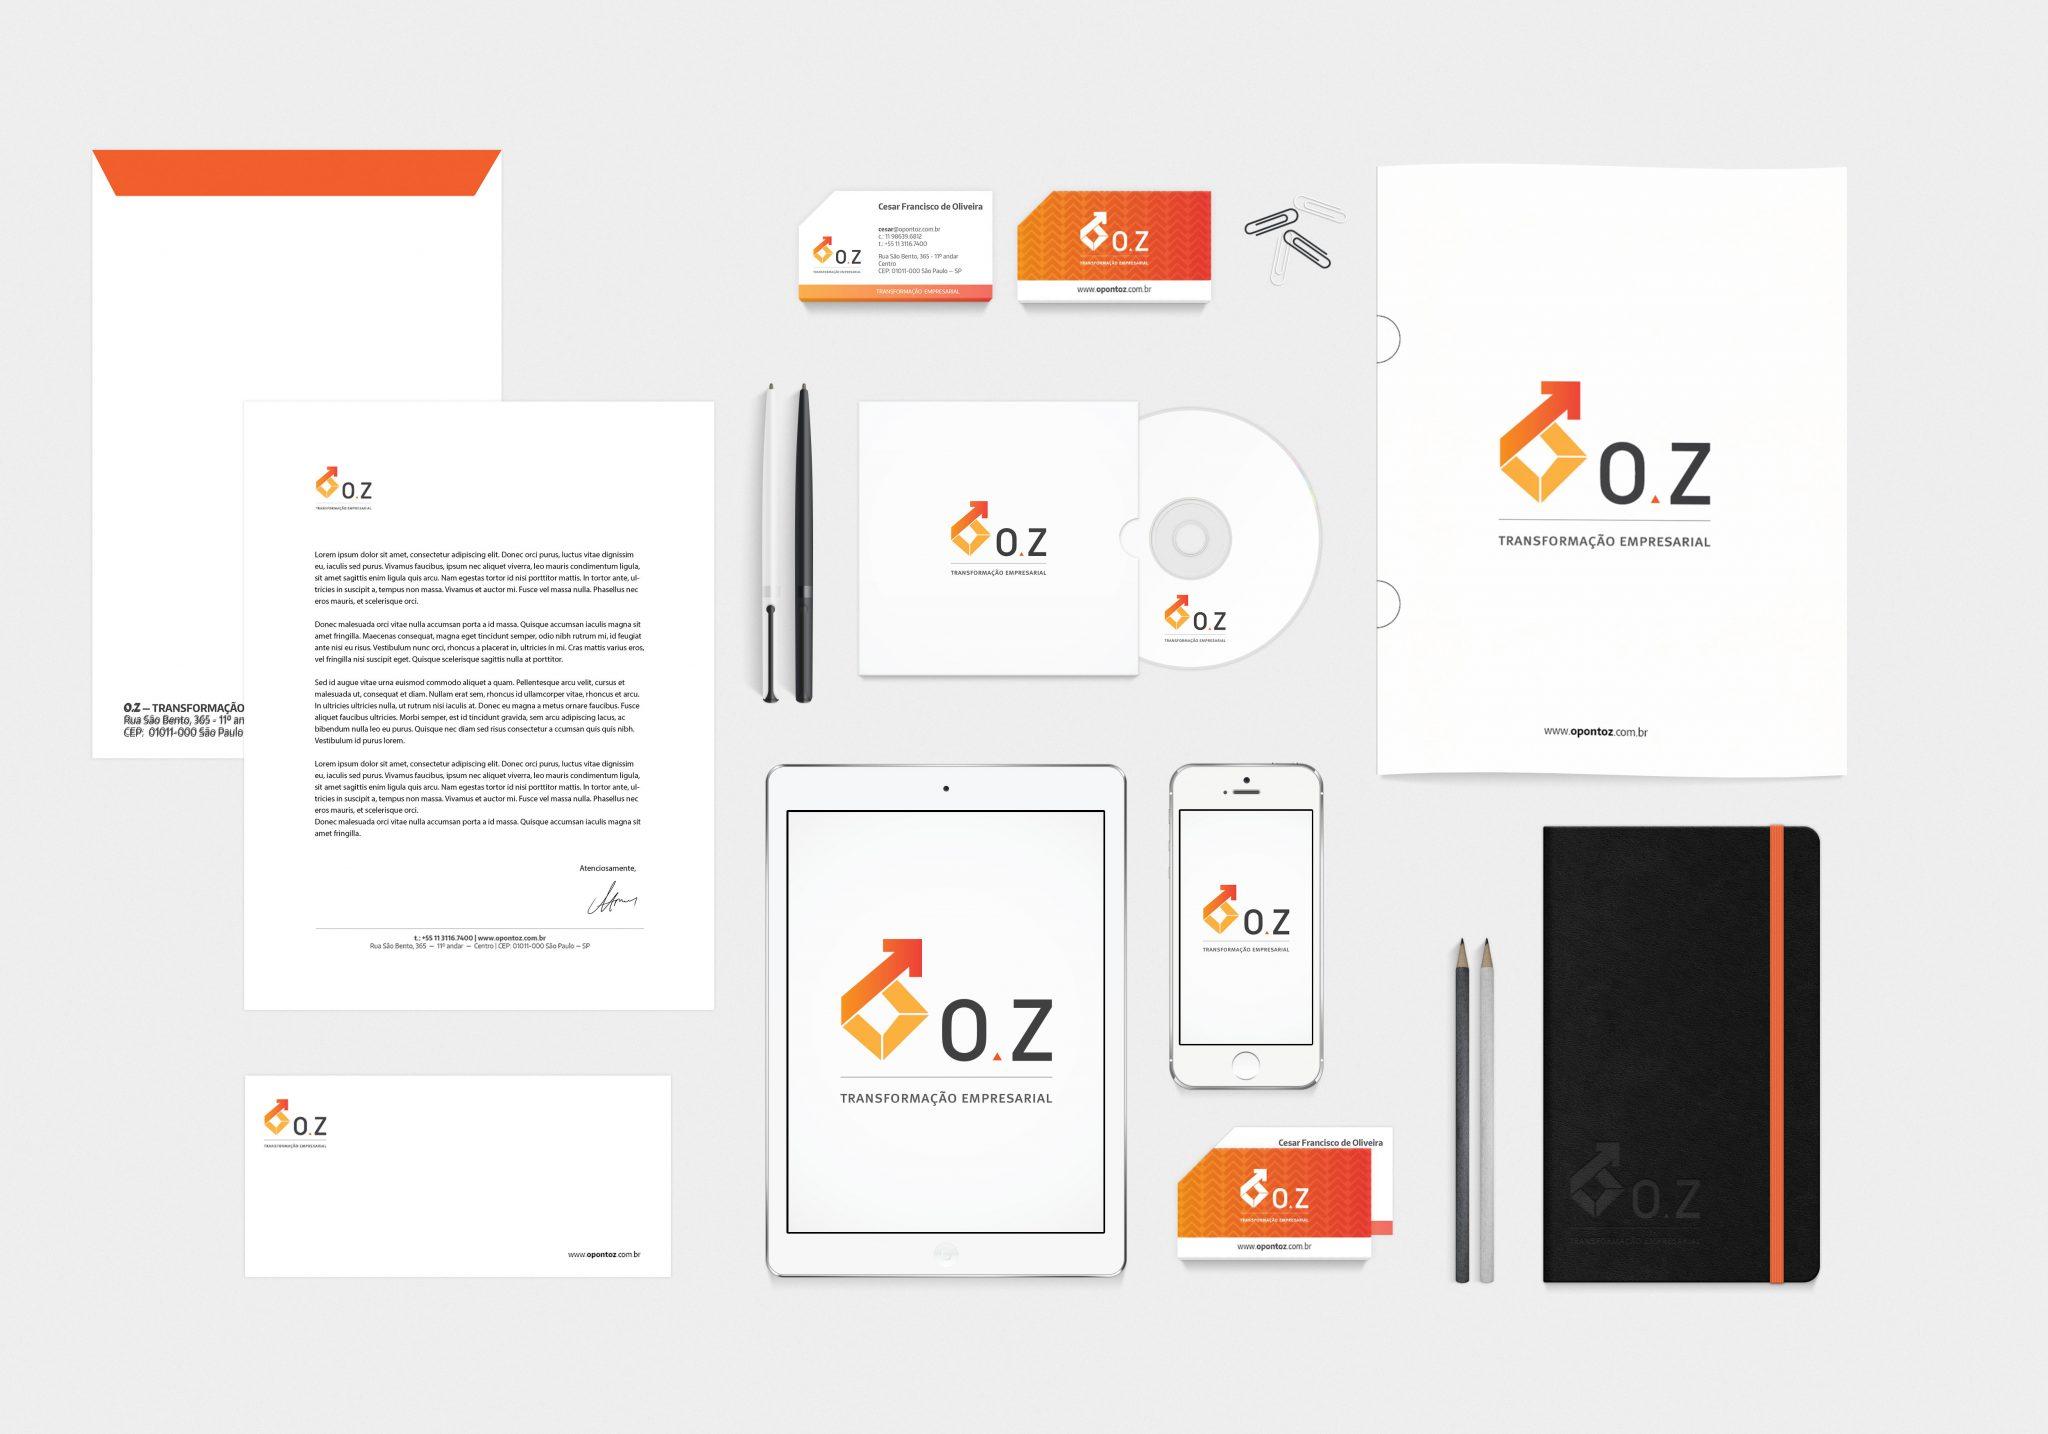 experiência de marca 04 - Como melhorar a experiência de marca para seus clientes